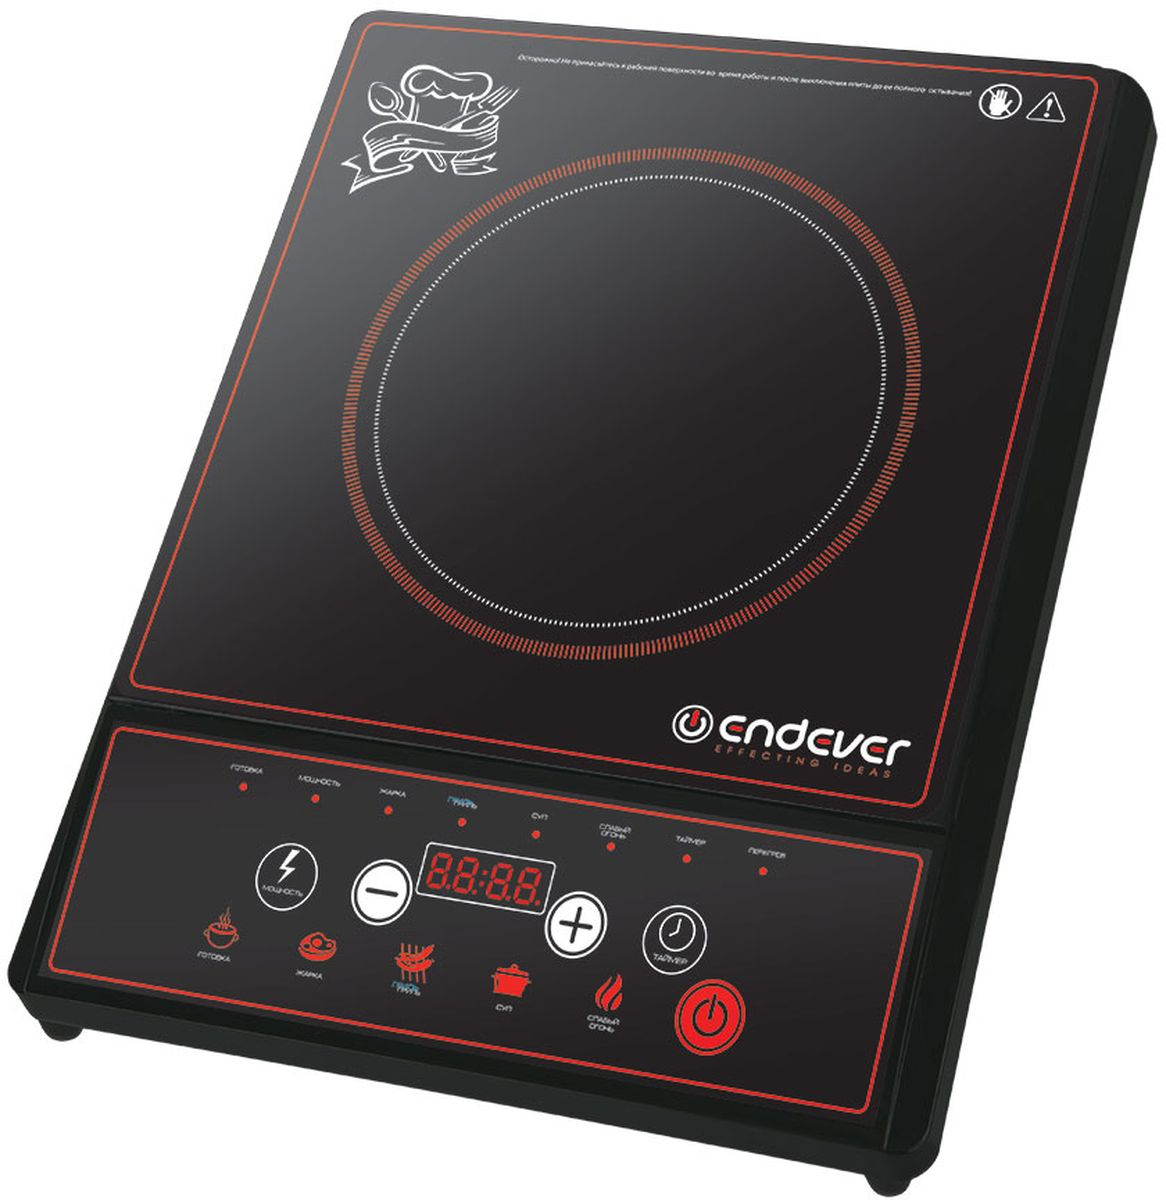 Endever SkyLine DP-40 настольная плитаDP 40Компактная электрическая плитка Endever SkyLine DP-40 отлично подойдет для дачи или офиса.Панель управления оснащена LED-дисплеем и набором клавиш, с помощью которых можно легко выставить необходимый режим работы, задать время и температуру приготовления. В памяти плиты заложено 5 стандартных режимов нагрева.Данная модель защищена от скачков напряжения и перегрева. А идеально гладкая поверхность позволит легко отчистить ее от брызг и прочих загрязнений.Таймер включения с интервалом до 24 часов LED - дисплейРазмер варочной панели: 26 x 26 смПрограммы: готовка, жарка, гриль, суп, слабый огонь